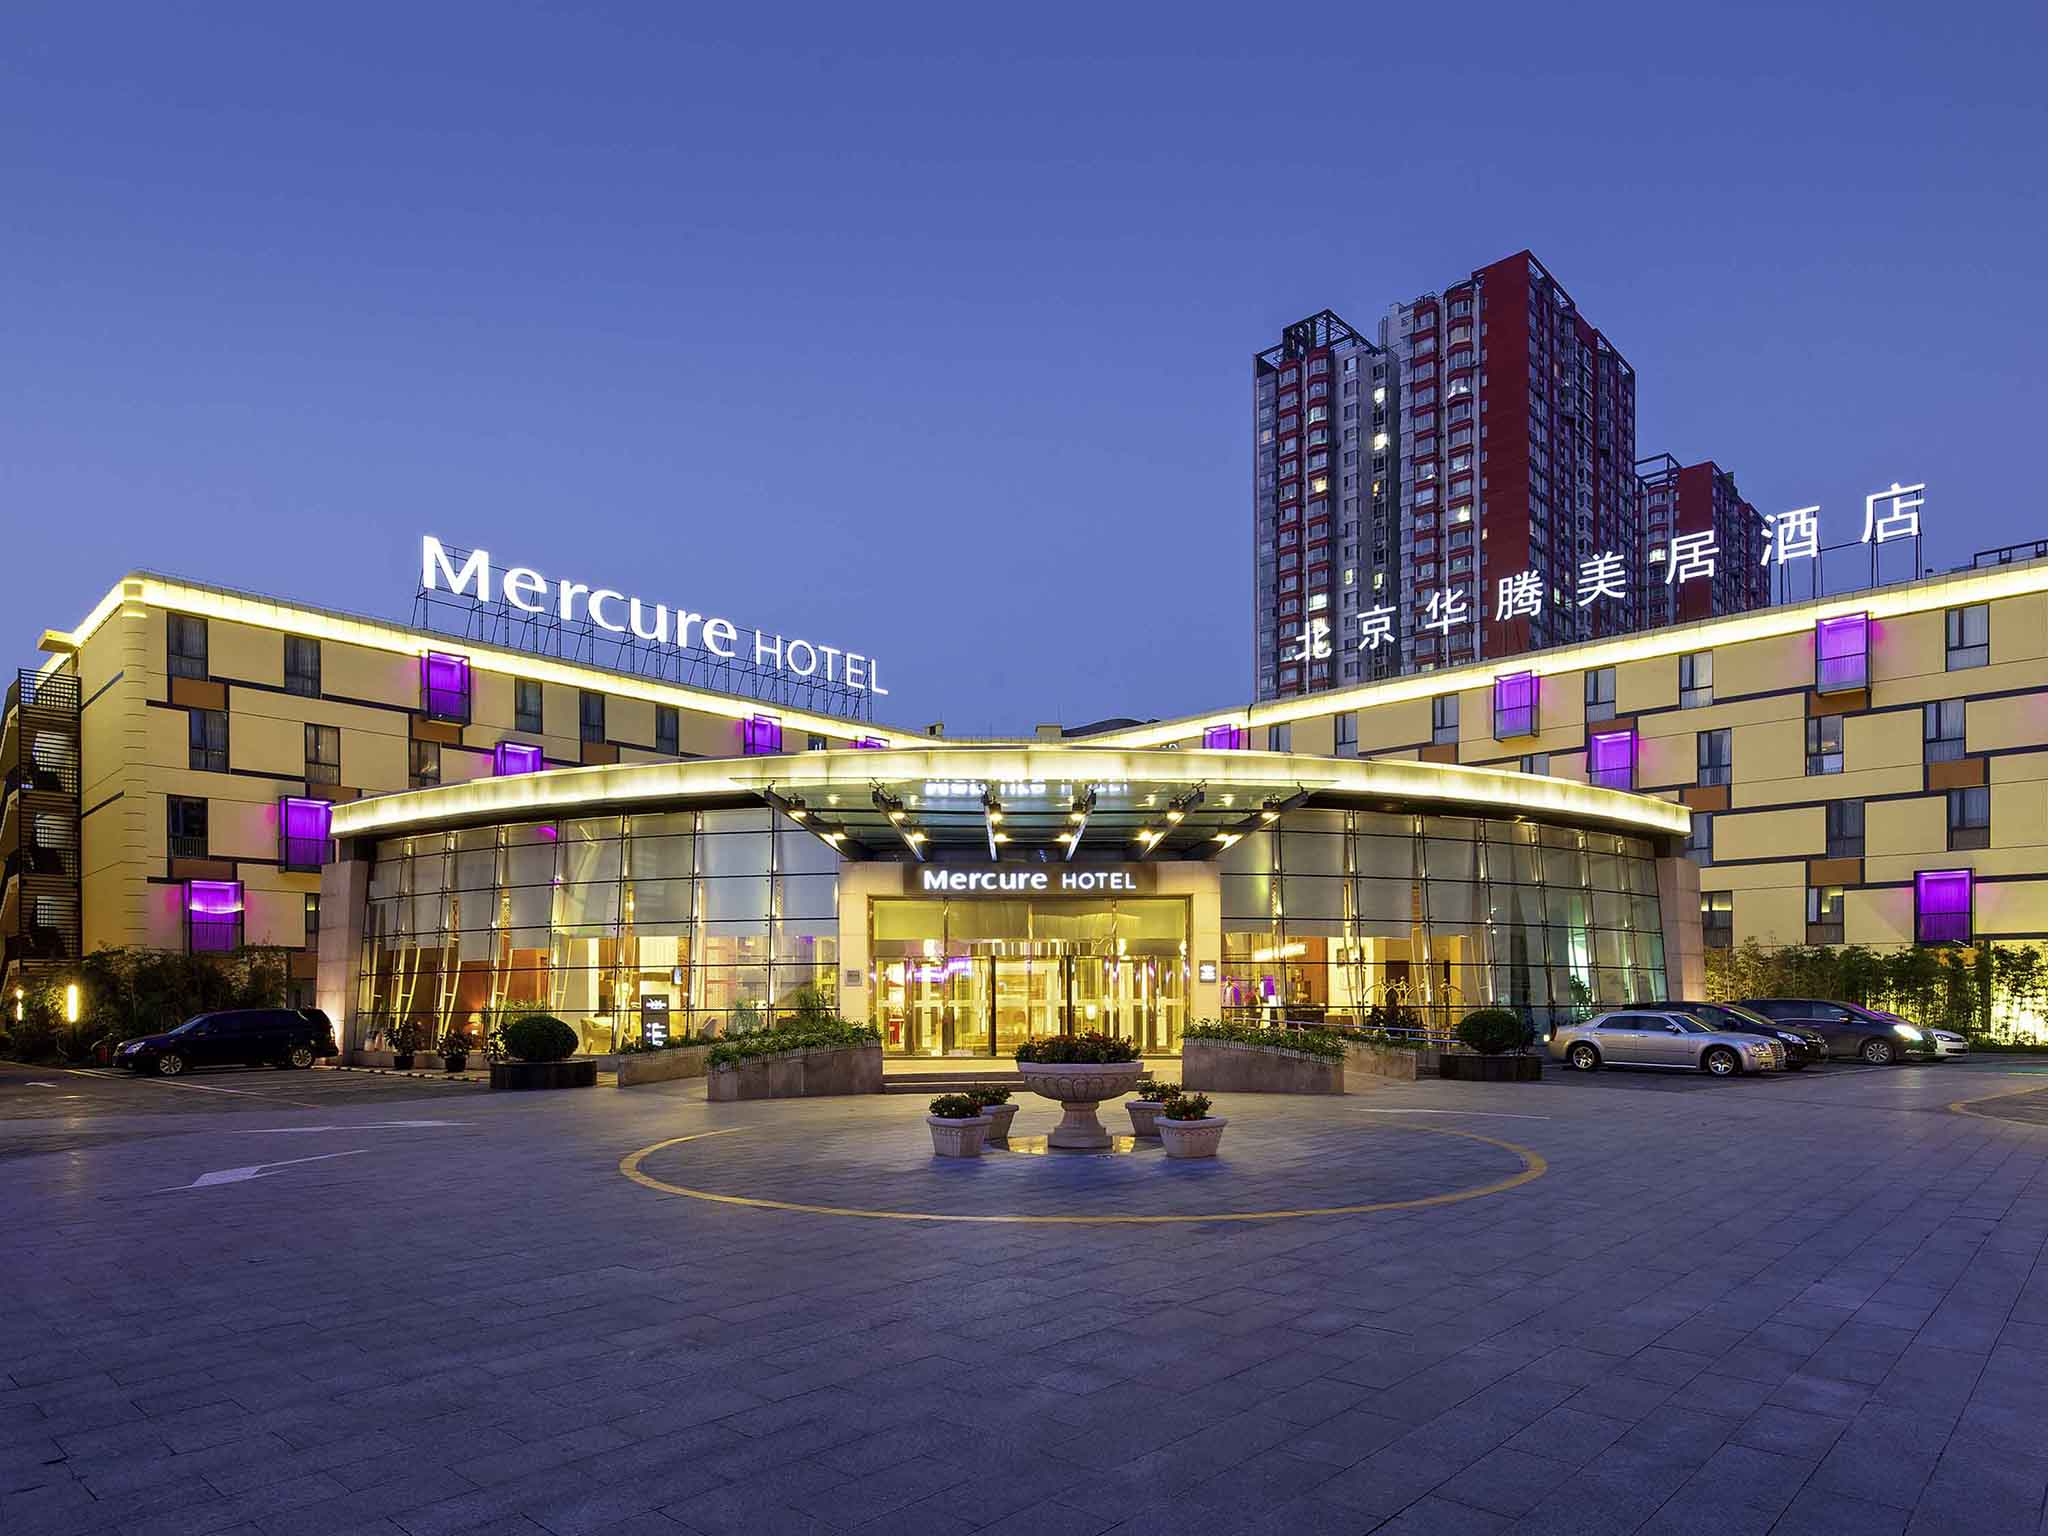 โรงแรม – เมอร์เคียว ปักกิ่ง ดาวน์ทาวน์